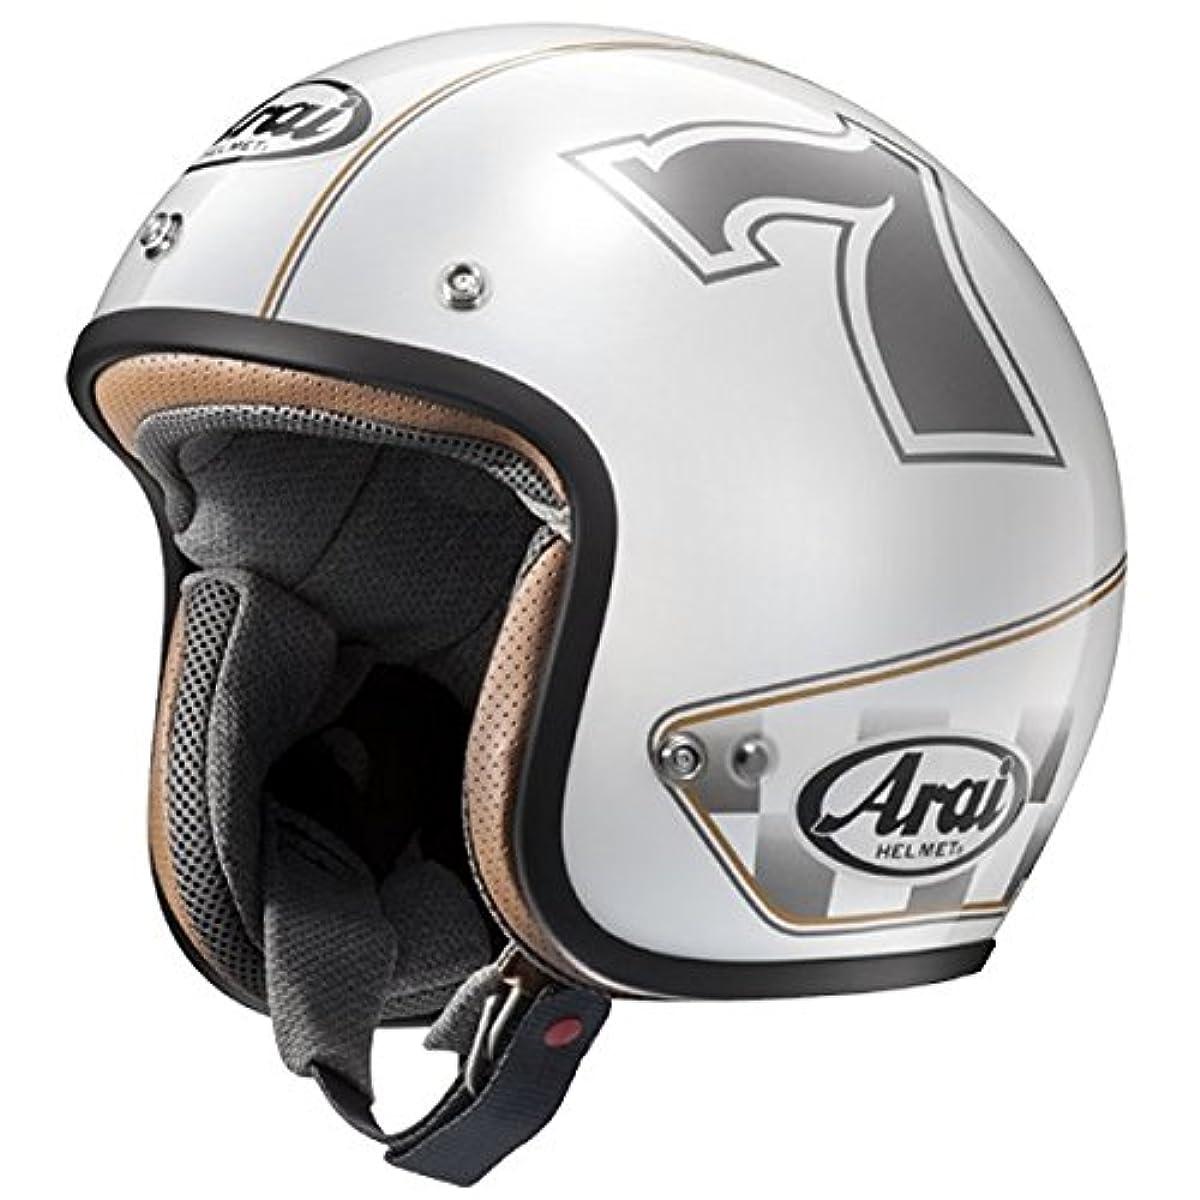 [해외] 아라이 오토바이 헬멧 제트 CLASSIC MOD CAFE RACER 화이트 61-62 XL